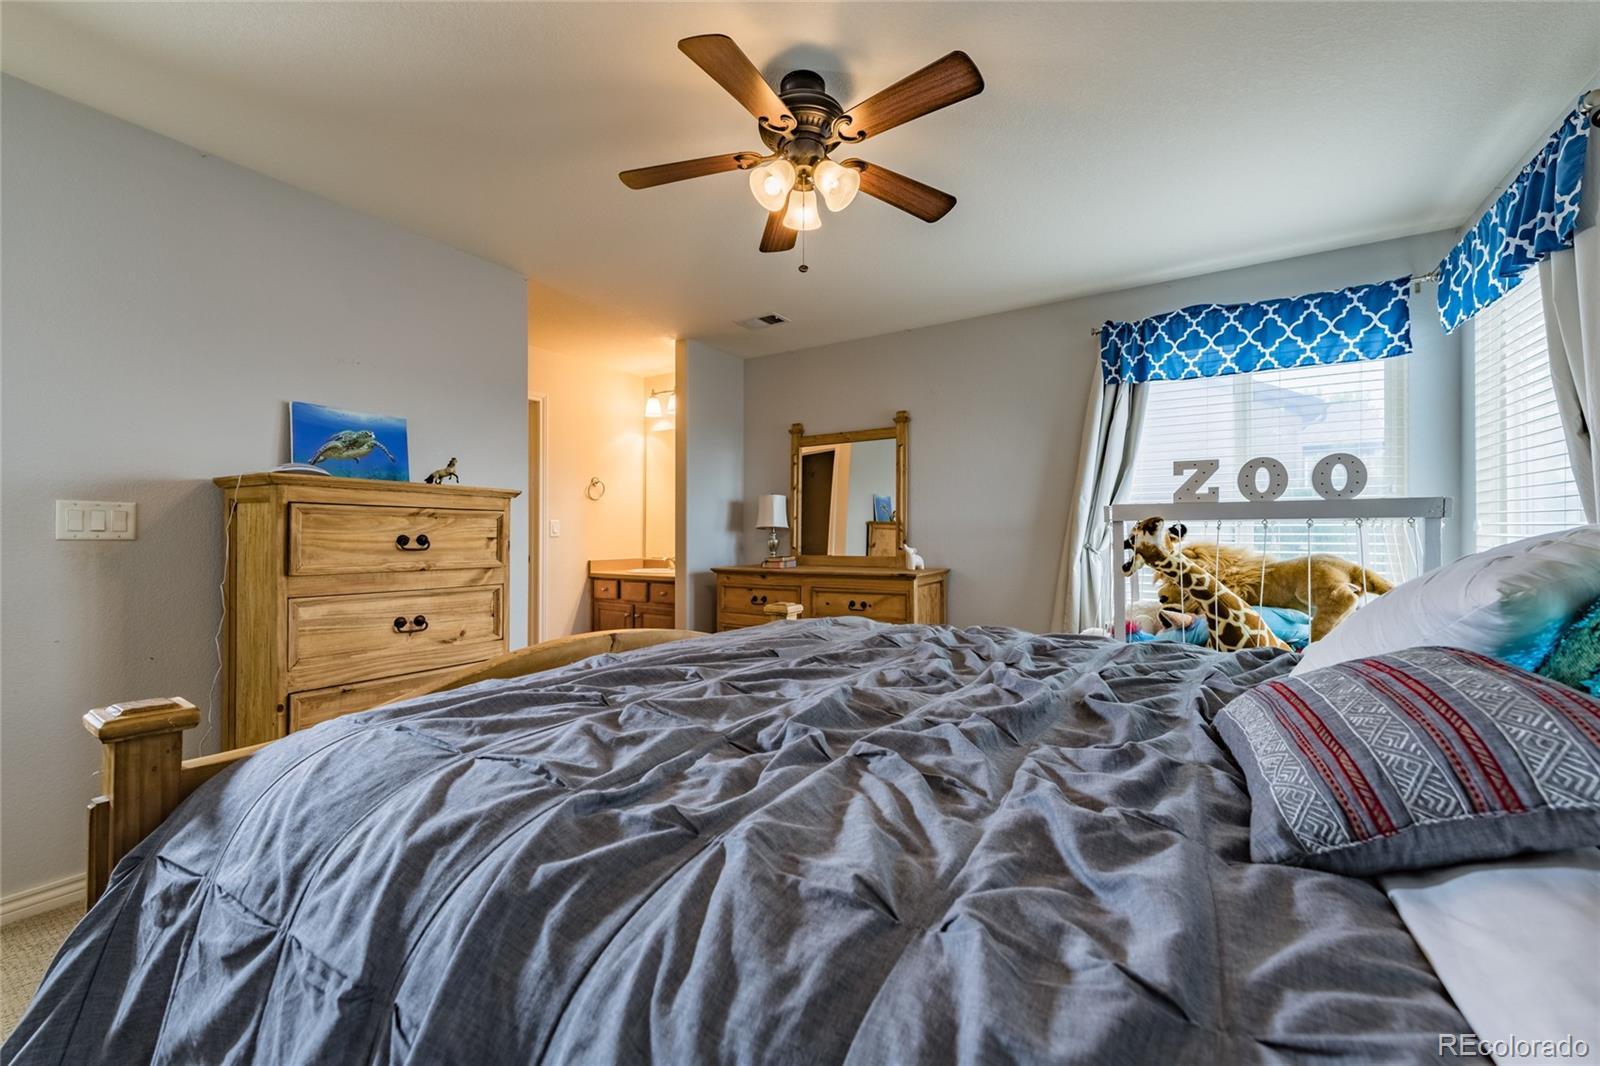 MLS# 1504228 - 24 - 1117 Titanite Place, Castle Rock, CO 80108